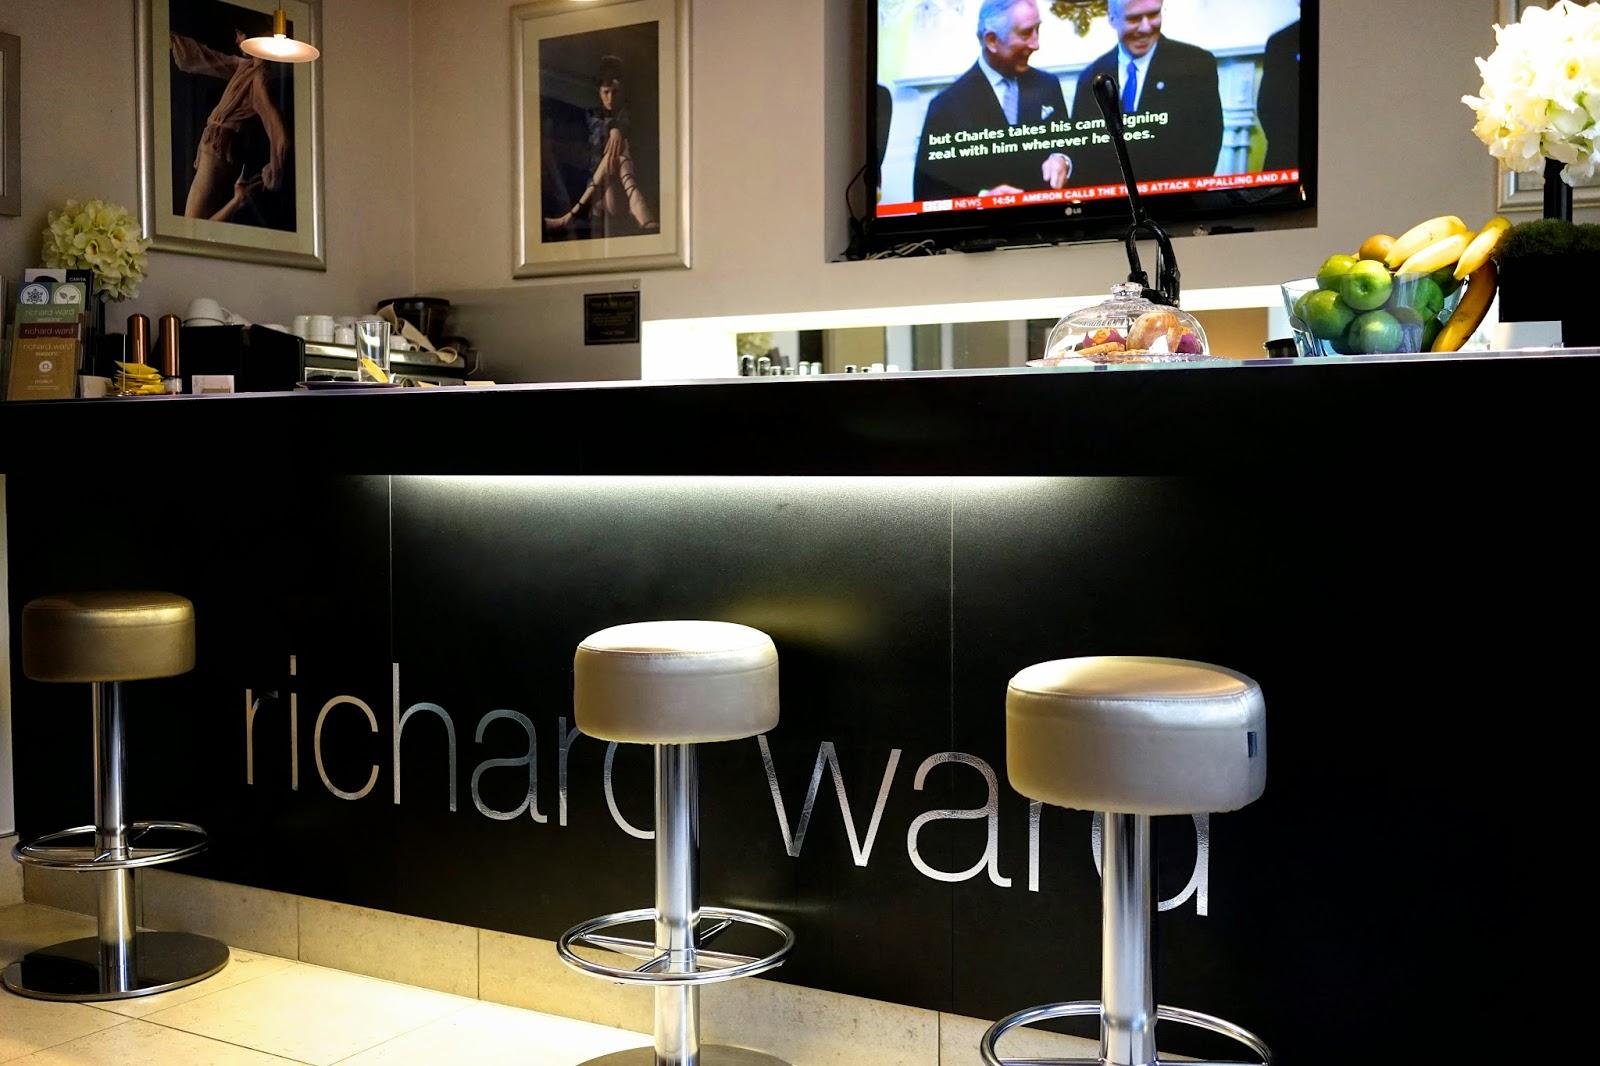 richard ward salon